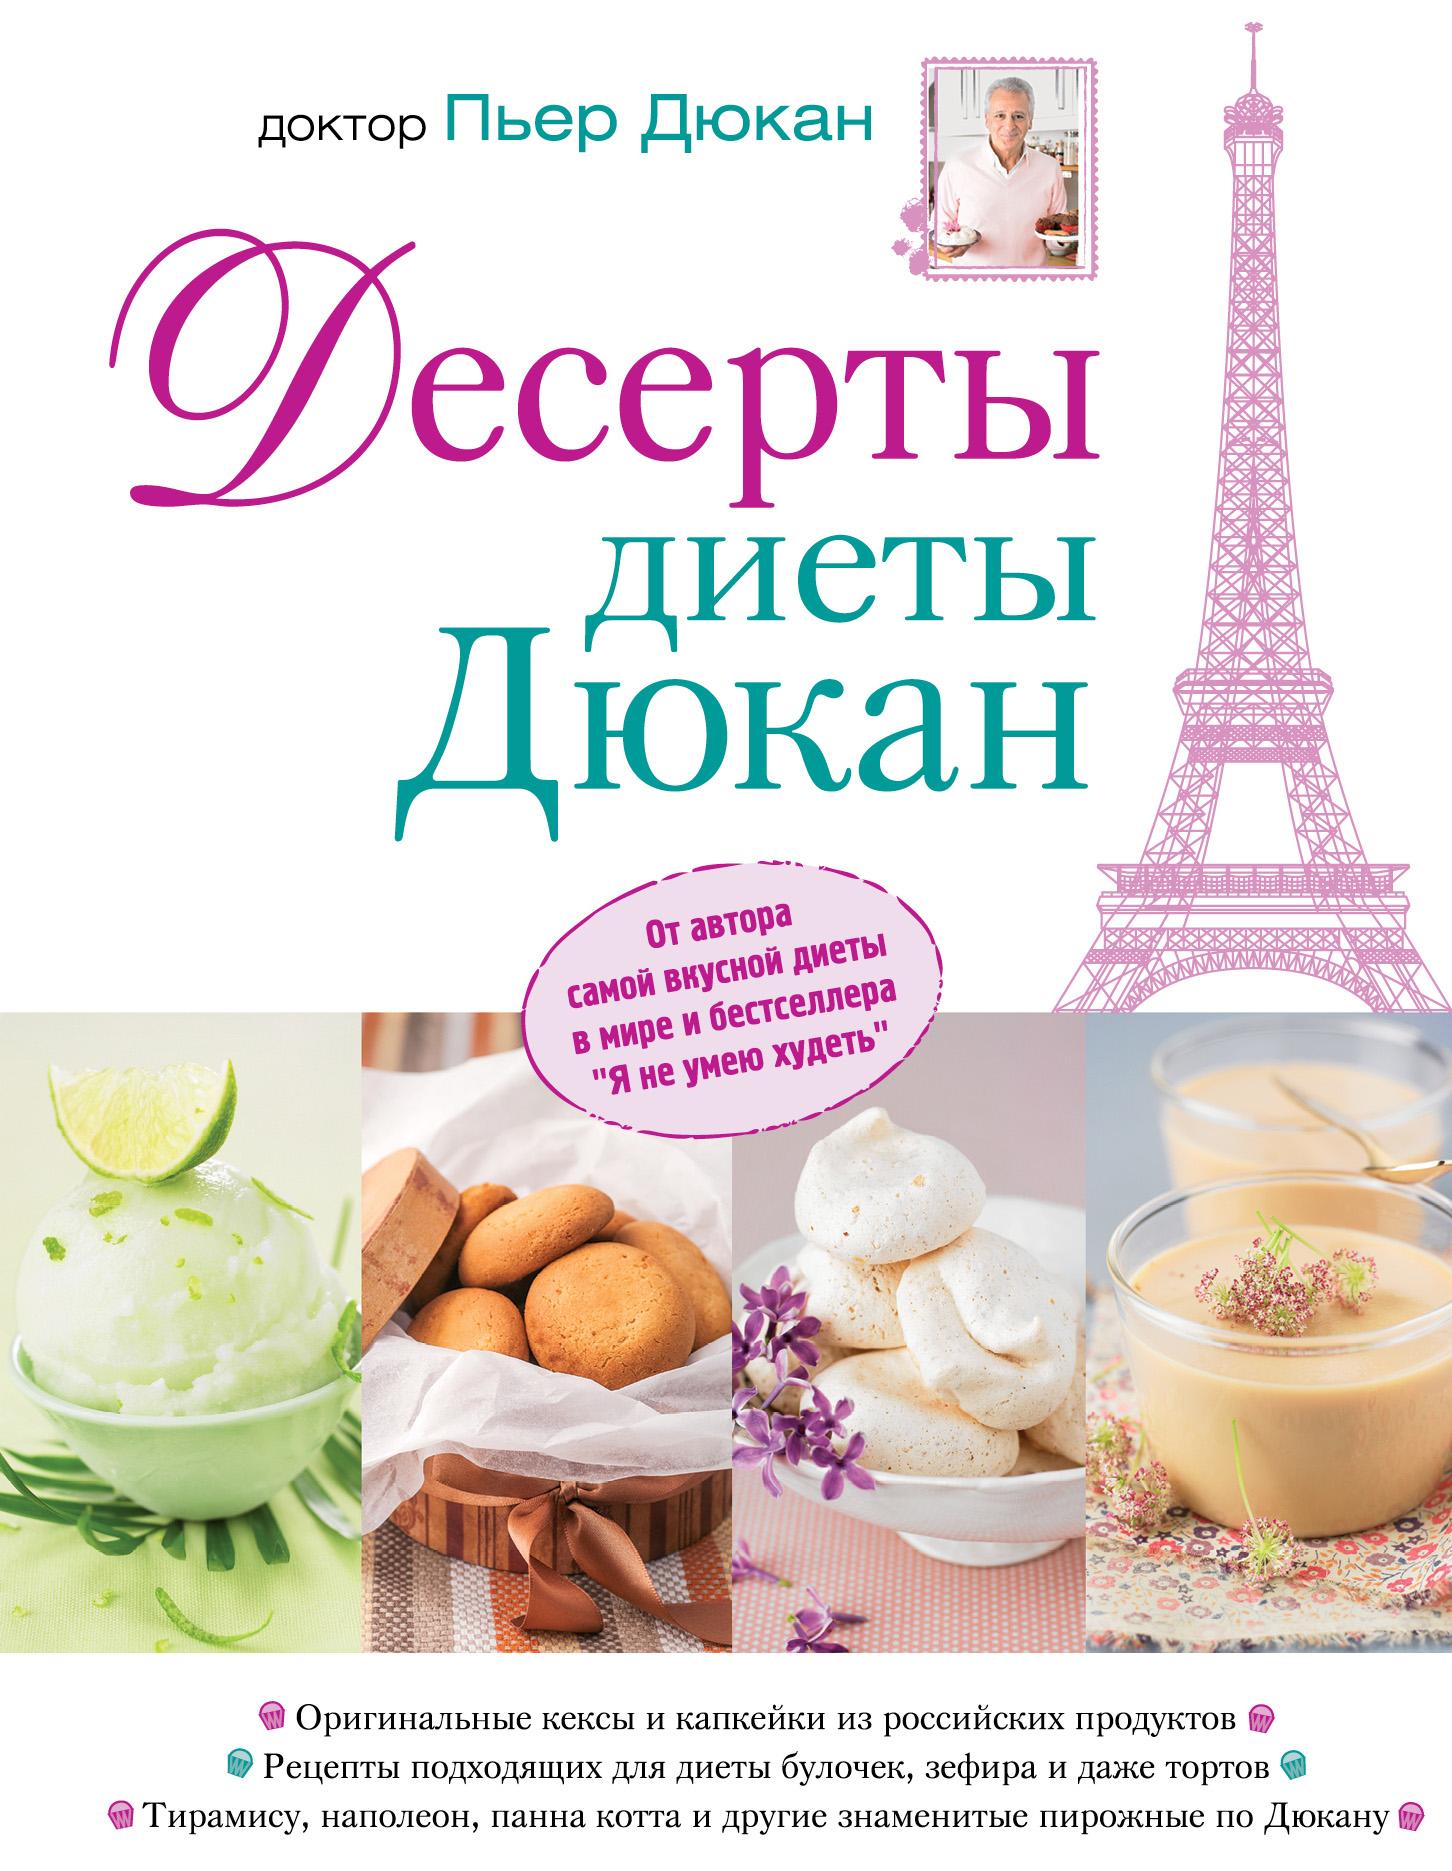 Пьер Дюкан Десерты диеты Дюкан 350 рецептов диеты дюкан